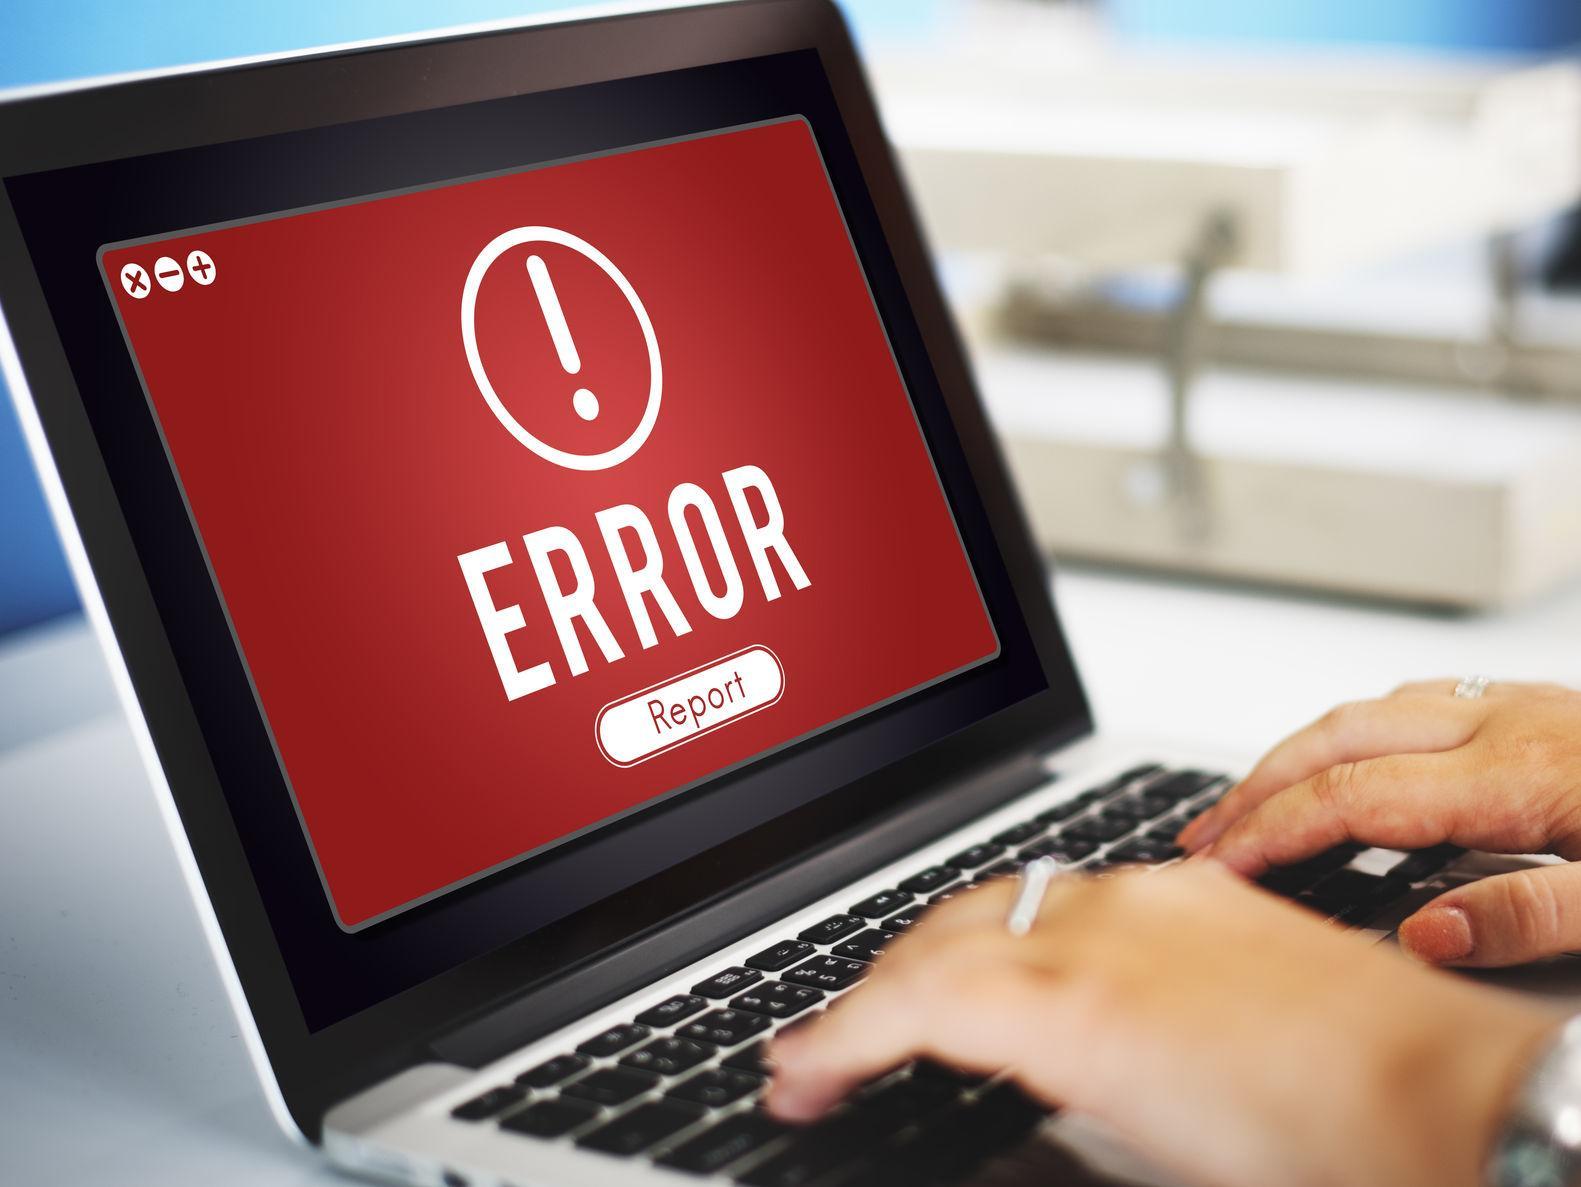 Tại sao máy tính bật không lên?